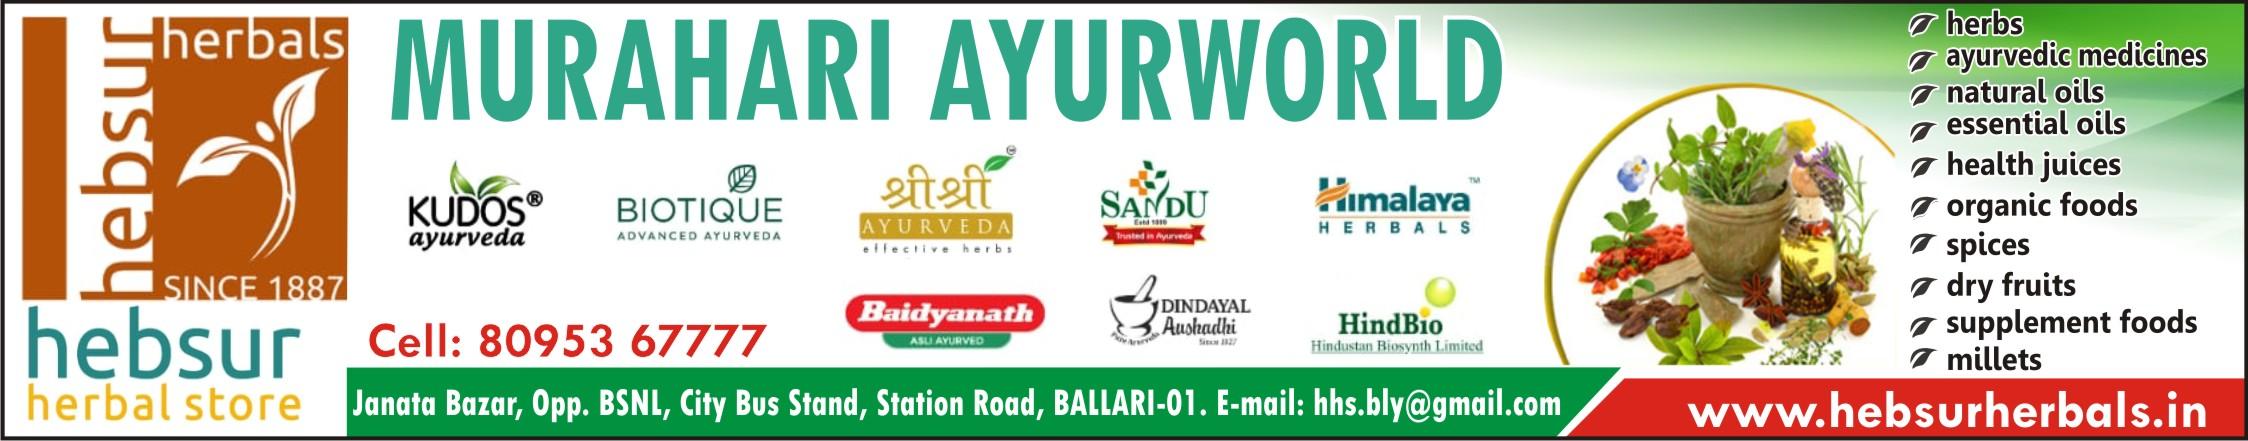 MURAHARI AYURWORLD